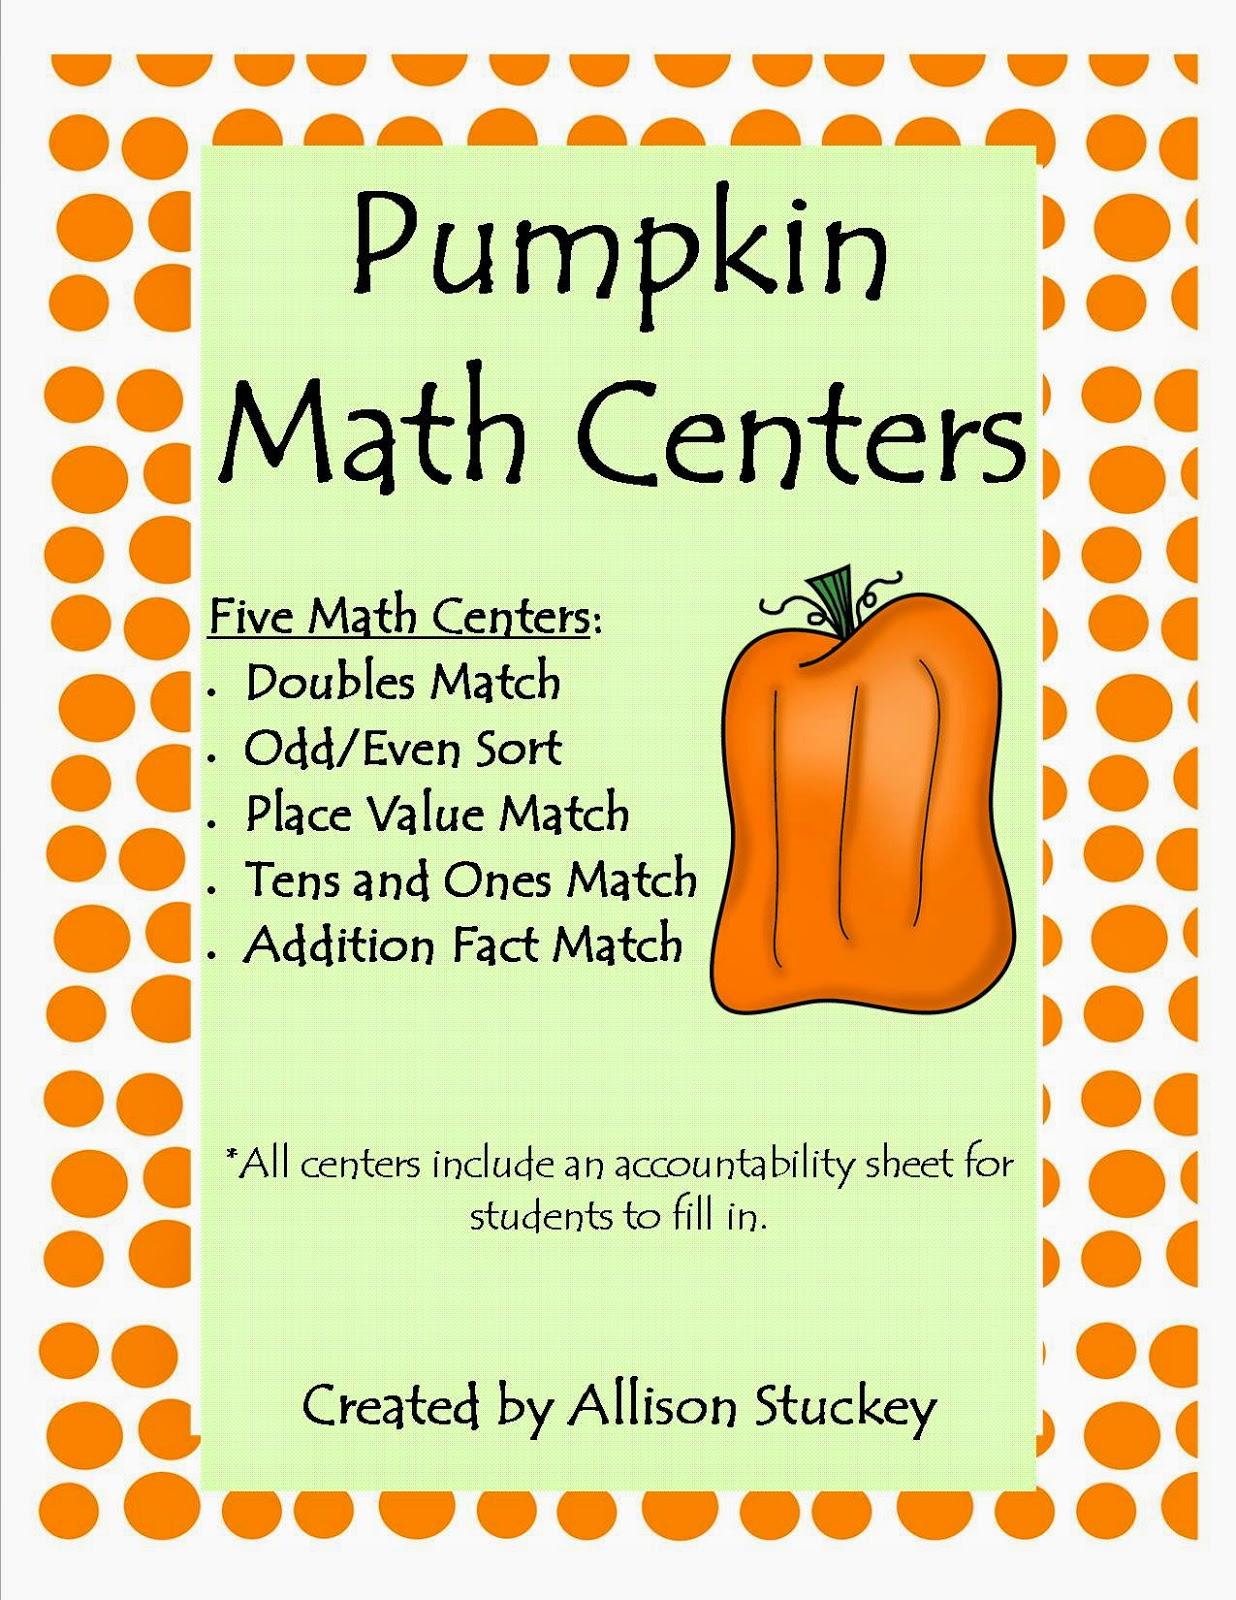 http://www.teacherspayteachers.com/Product/Pumpkin-Math-Centers-362729